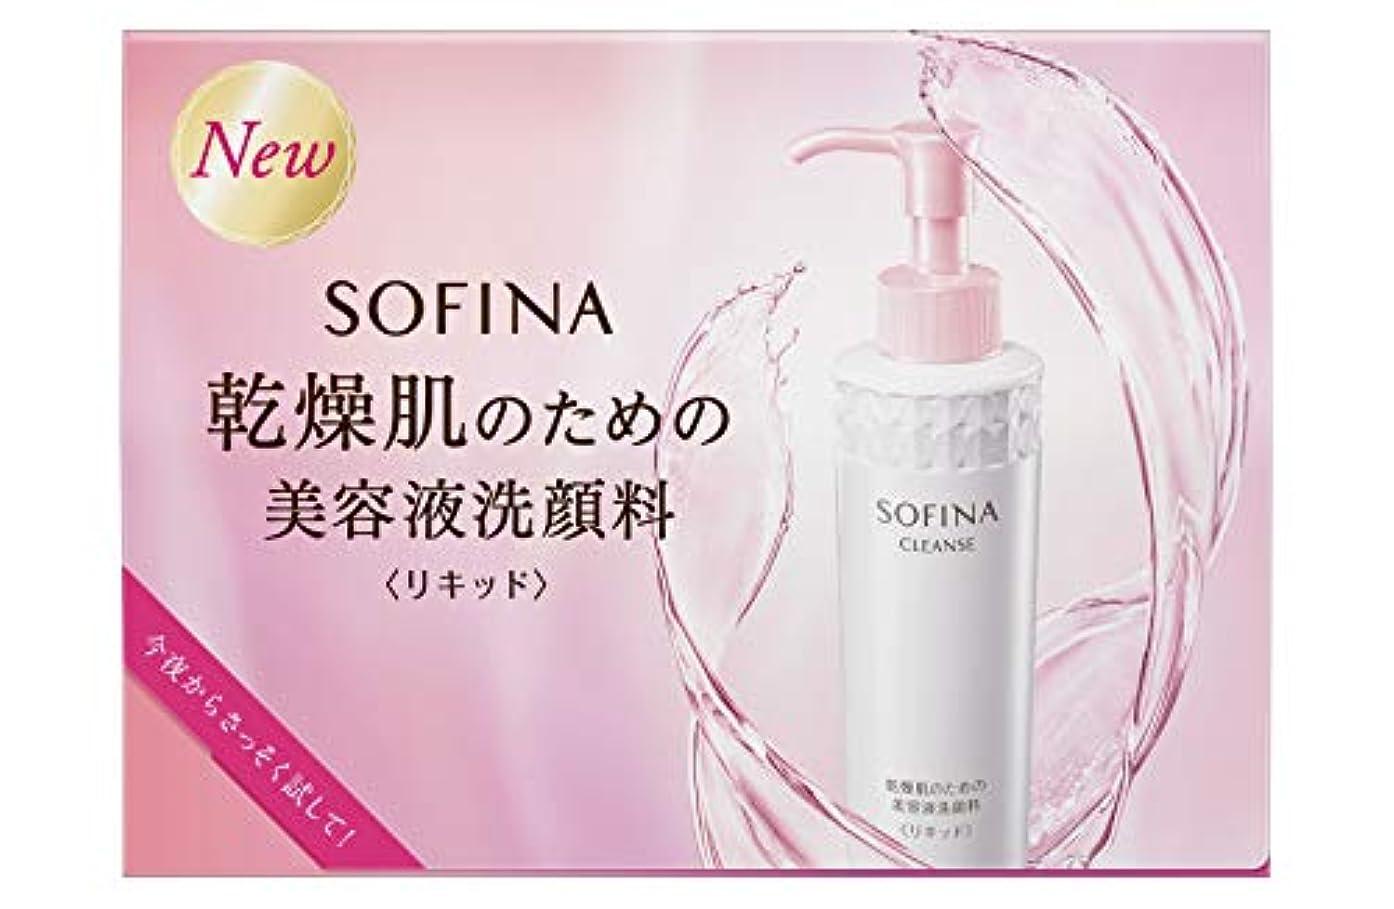 自動車品競争ソフィーナ 乾燥肌のための美容液洗顔料(リキッド) お試しピロー 2ml×2 【実質無料サンプルストア対象】